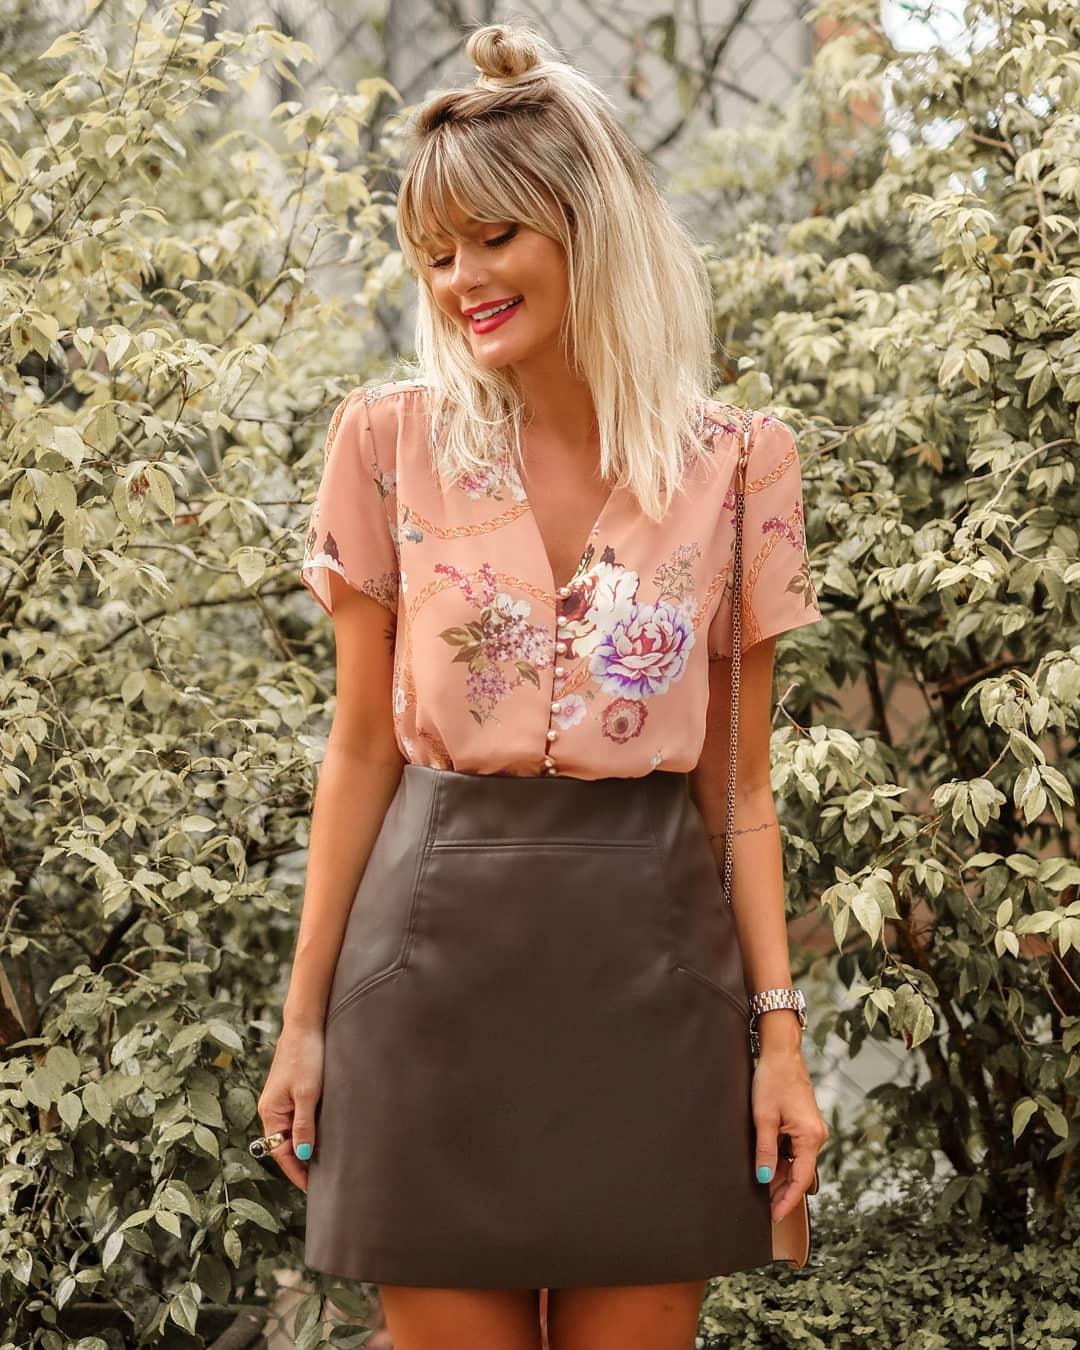 Blusa Doce Flor em Crepe com Estampa Floral e Botoes de Perolas